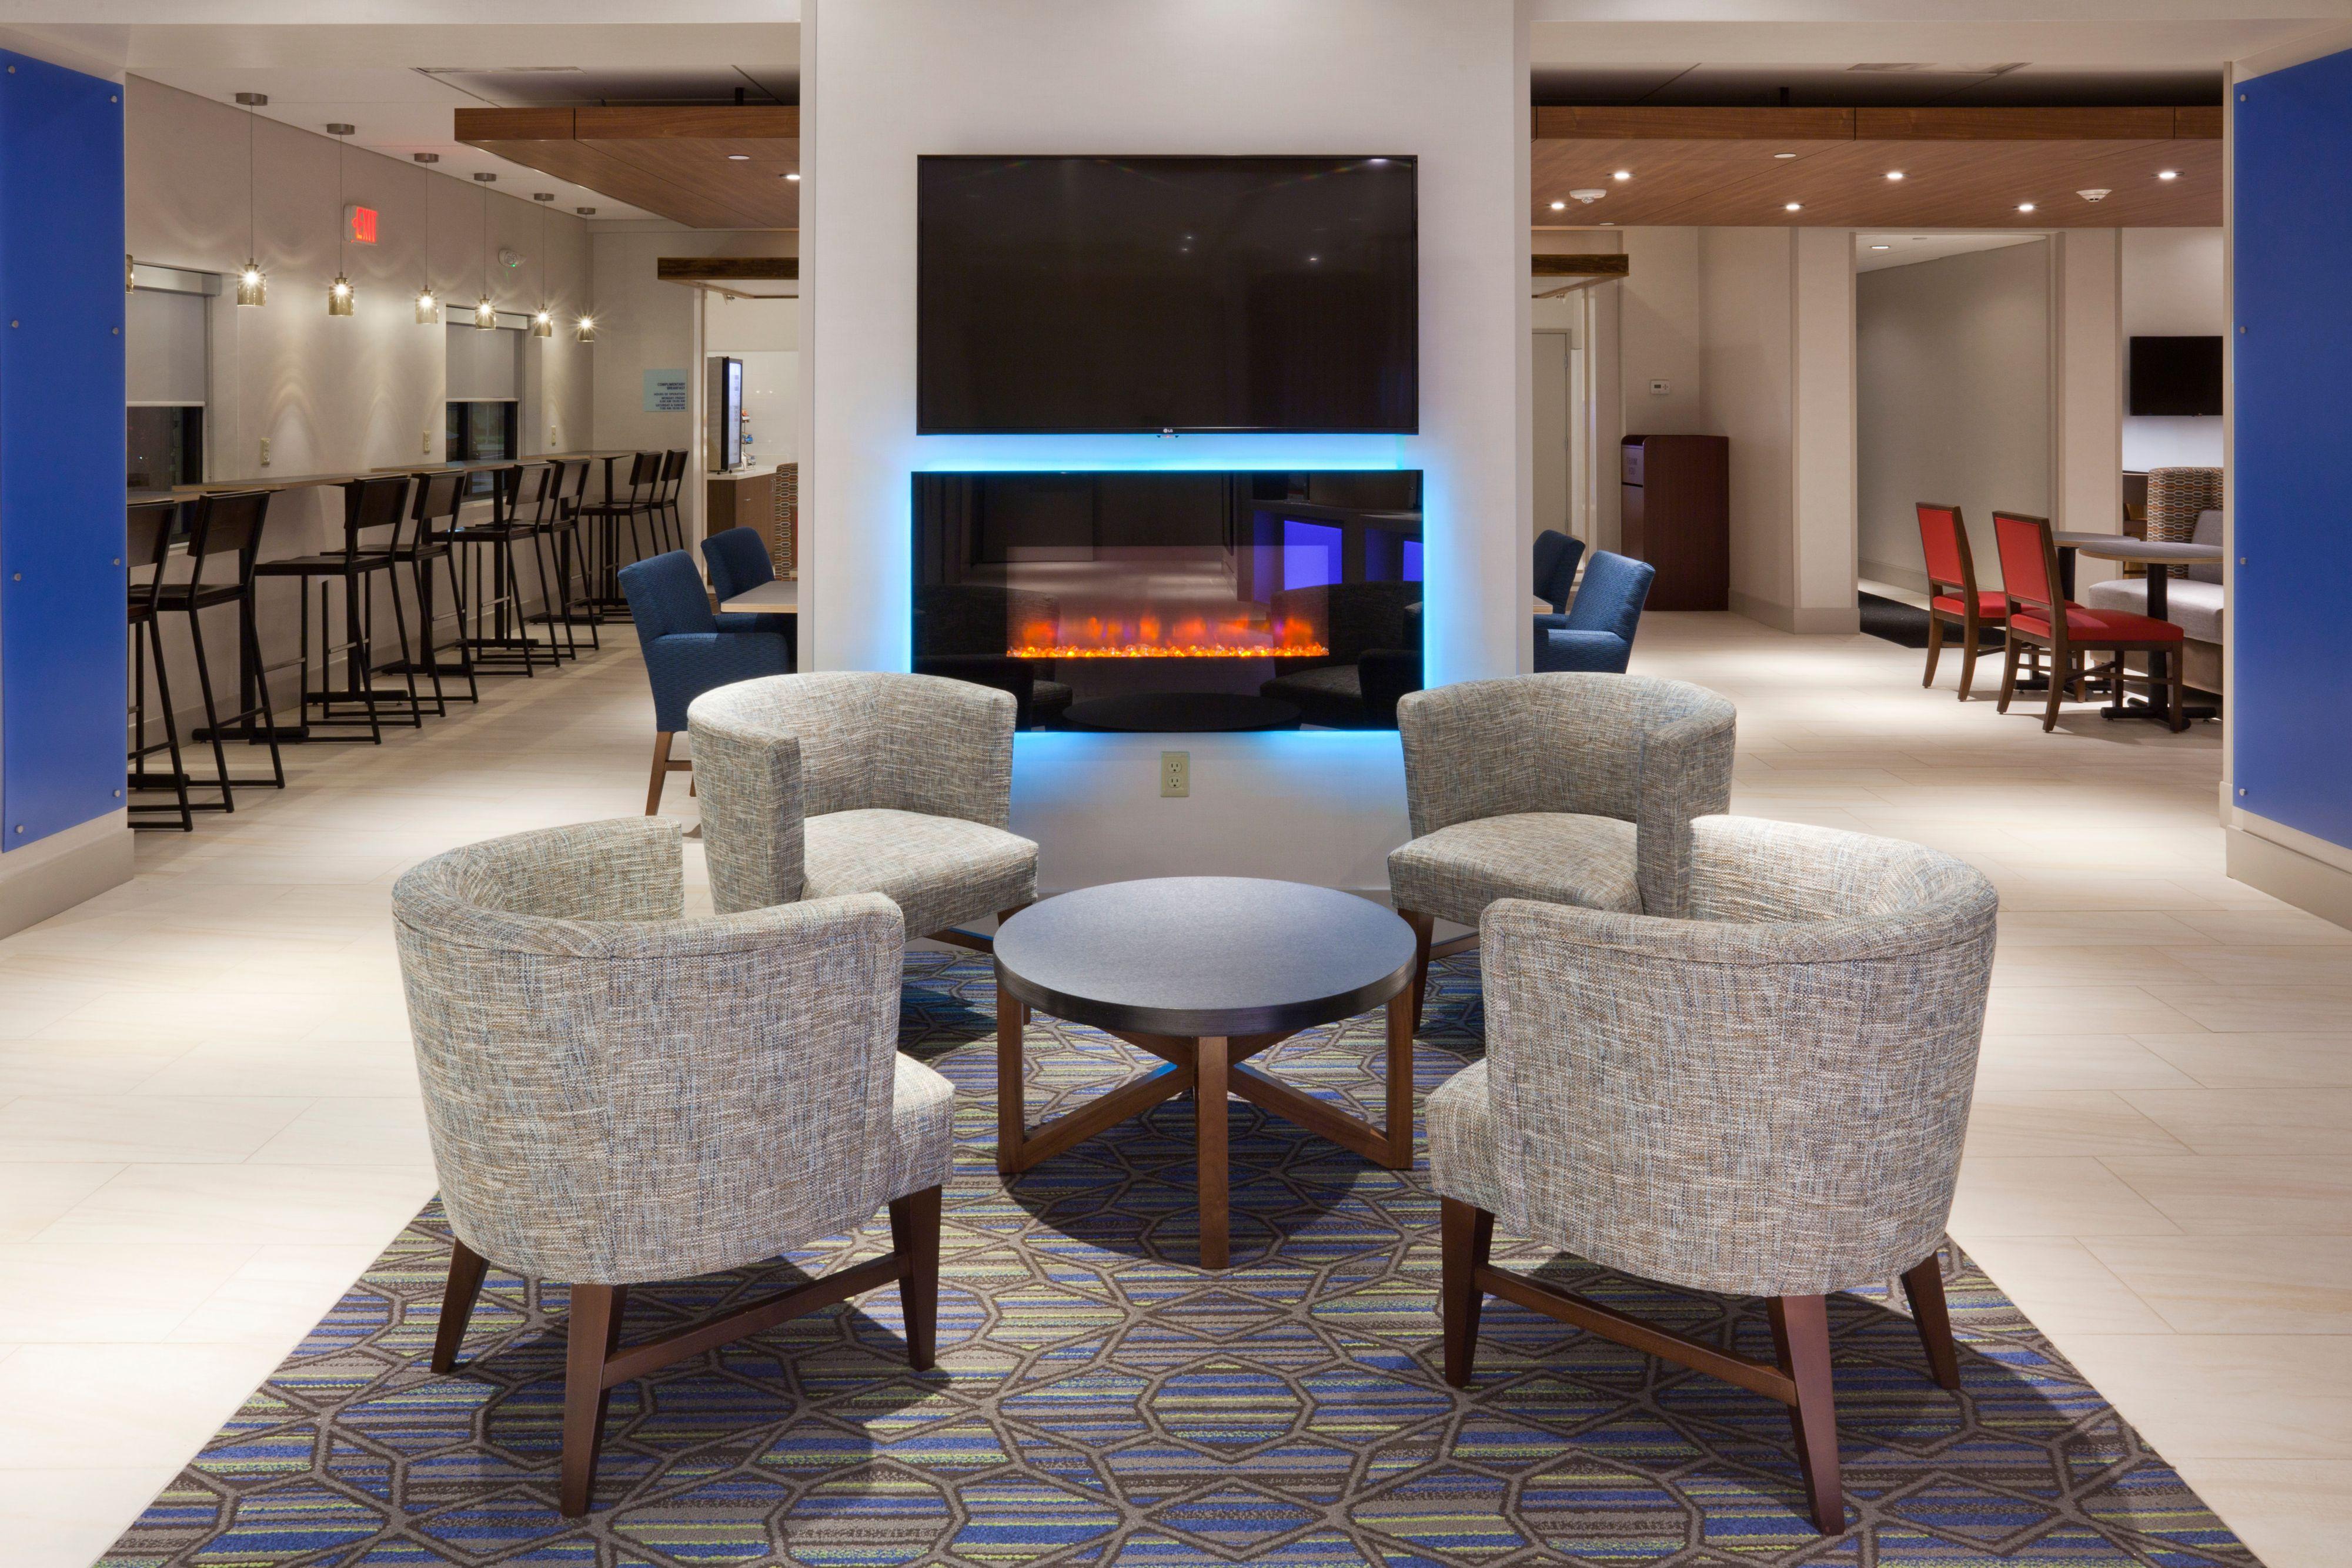 Holiday Inn Express Roseville-St. Paul image 4